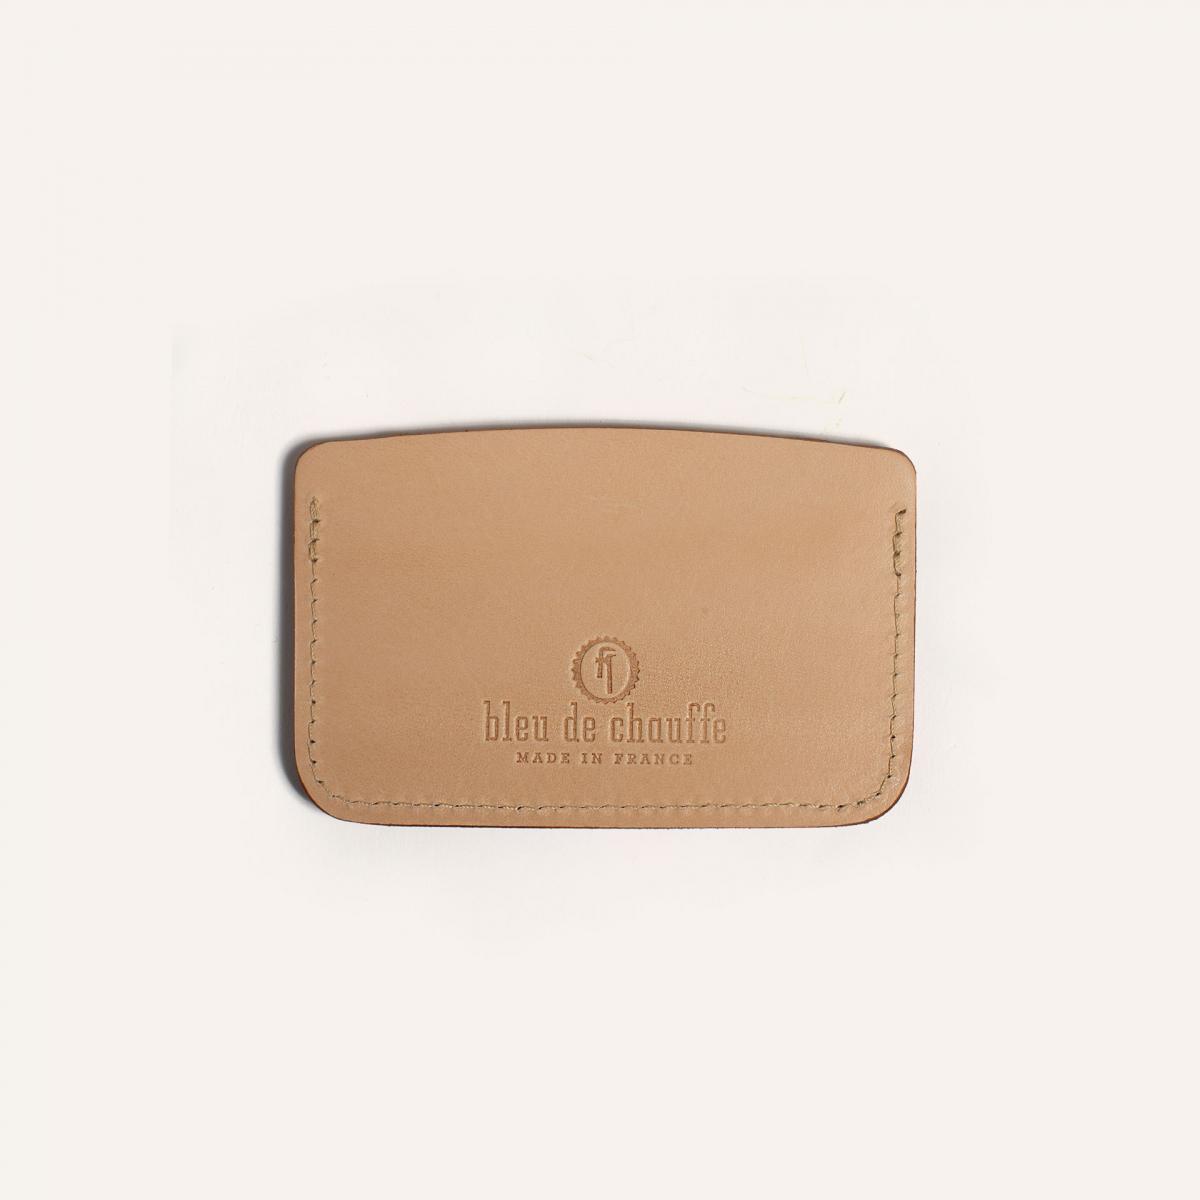 Visamex card holder - Natural (image n°1)